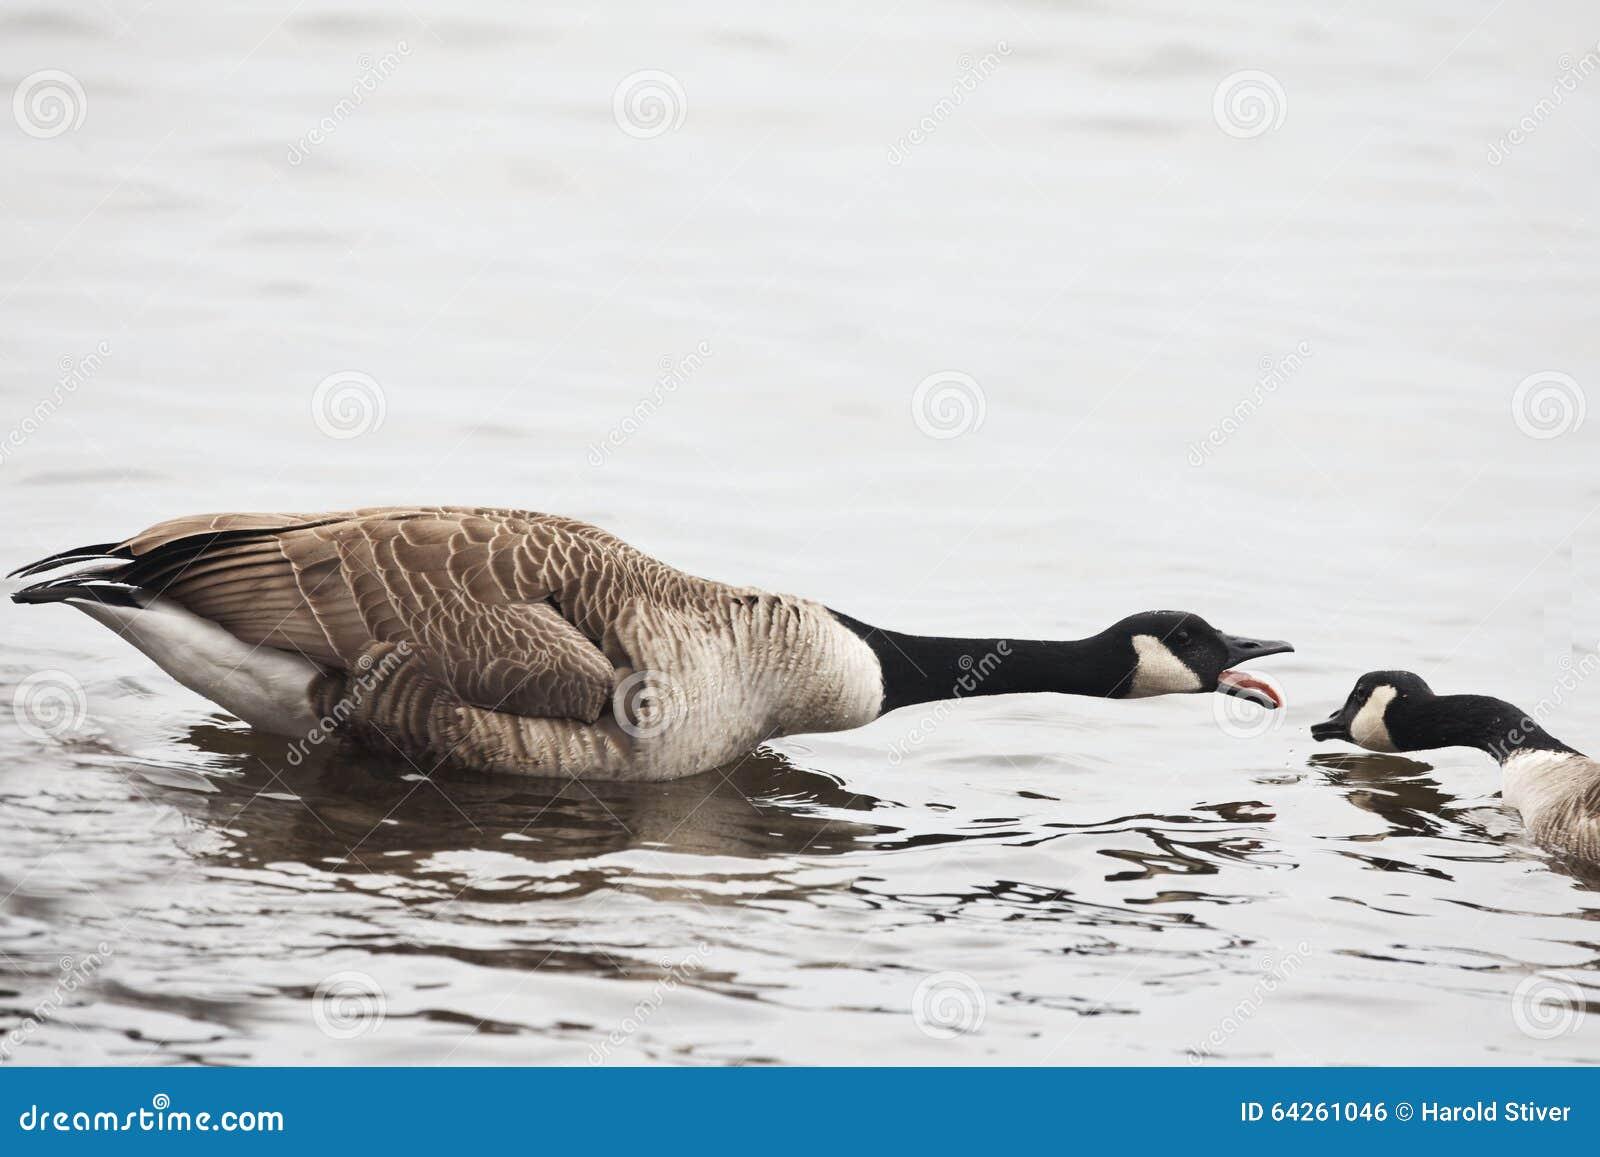 Aggressive Canada Goose, Branta canadensis